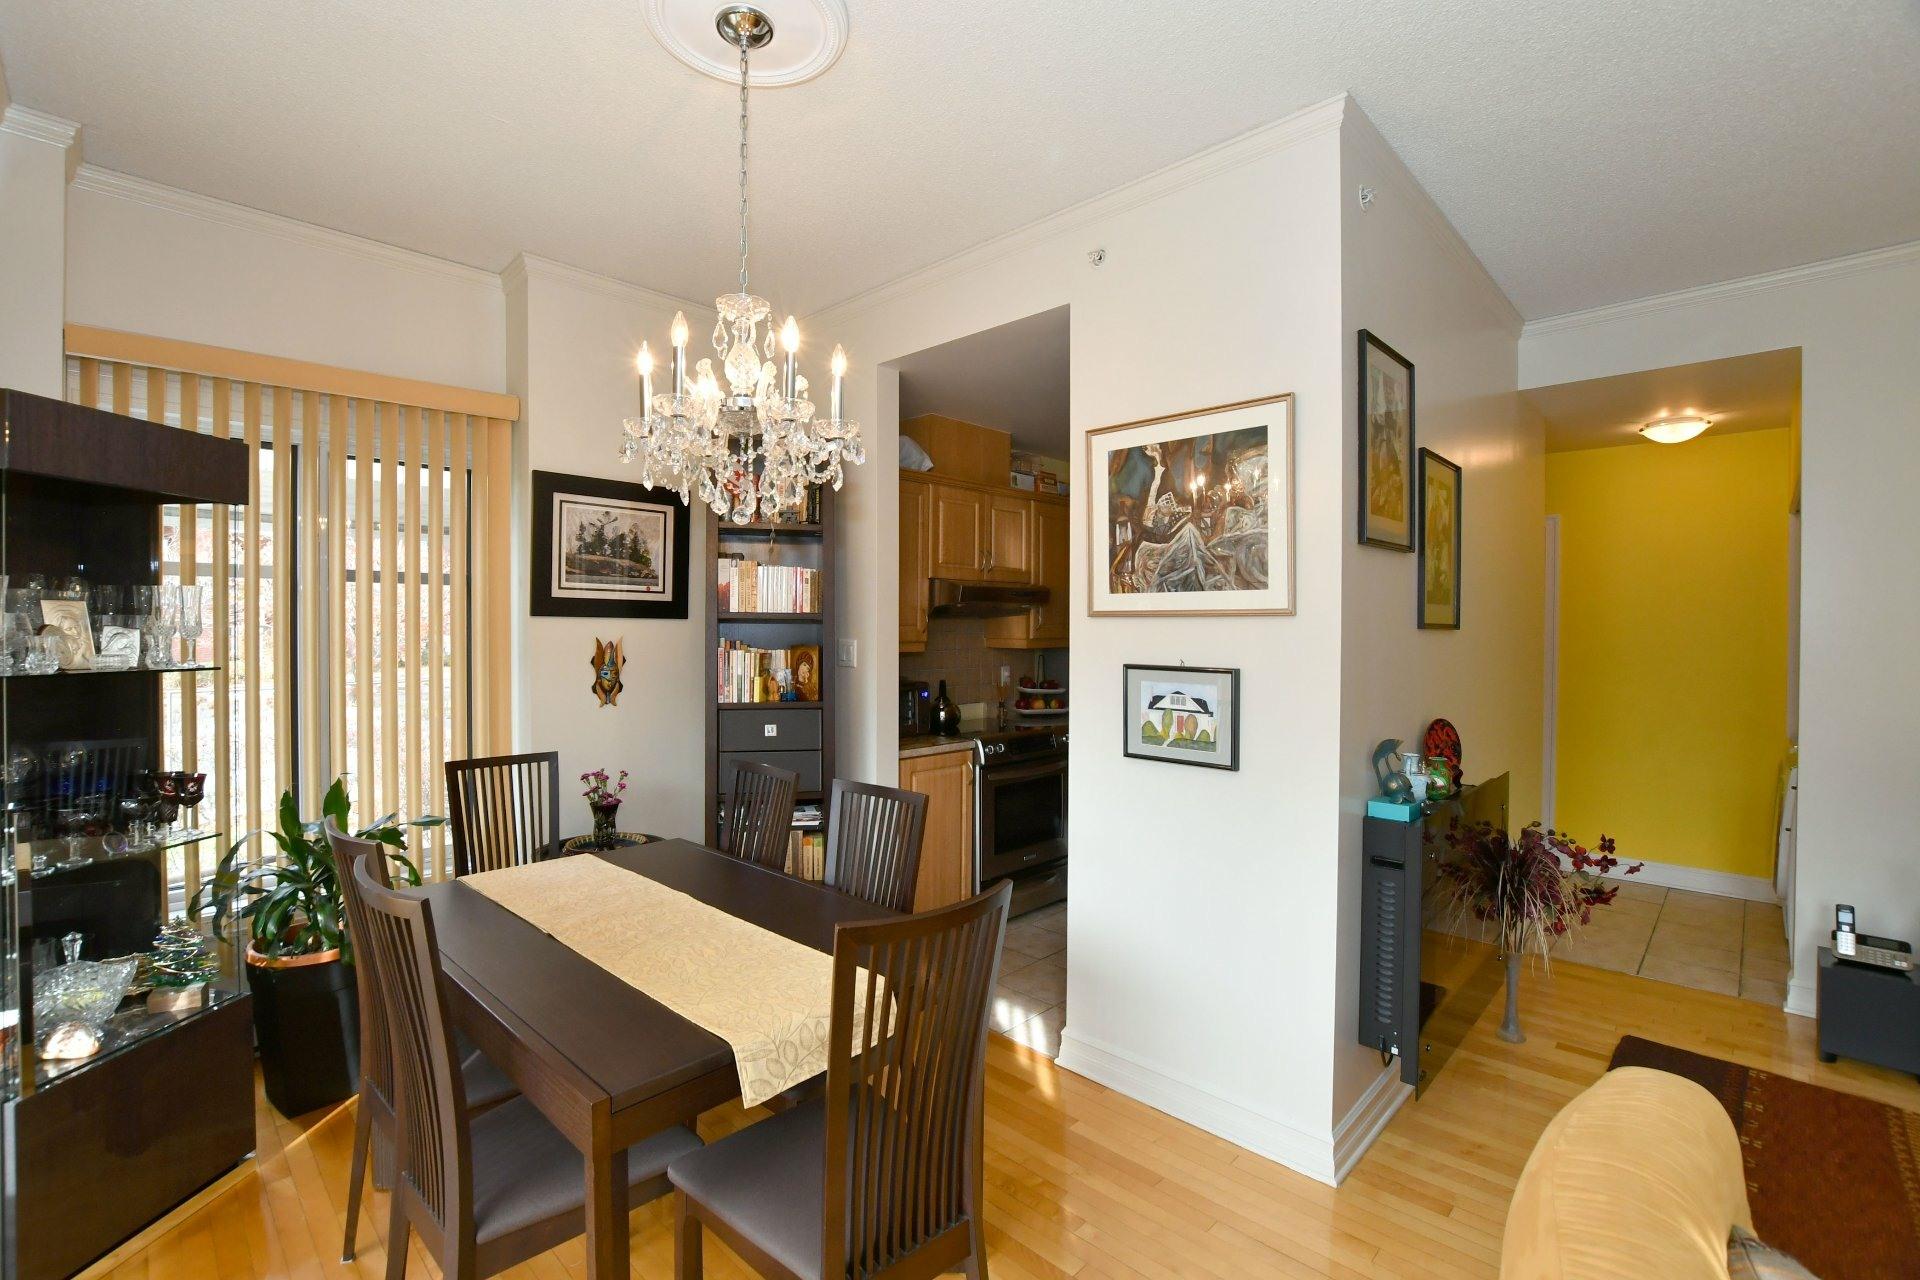 image 5 - Apartment For sale Saint-Laurent Montréal  - 5 rooms